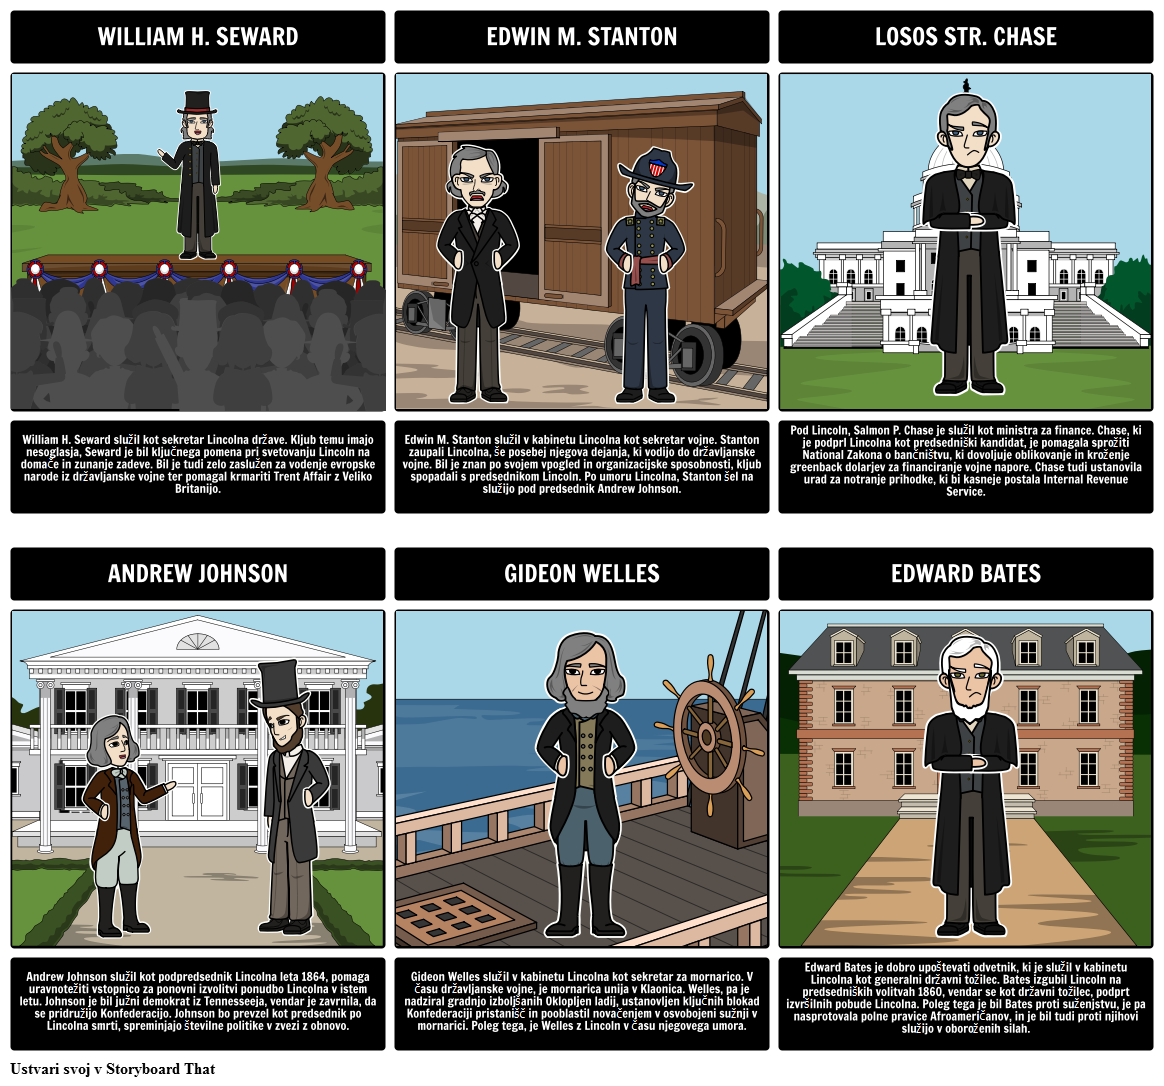 Abraham Lincoln Predsedstvo - Glavni Številke Lincolna Kabineta